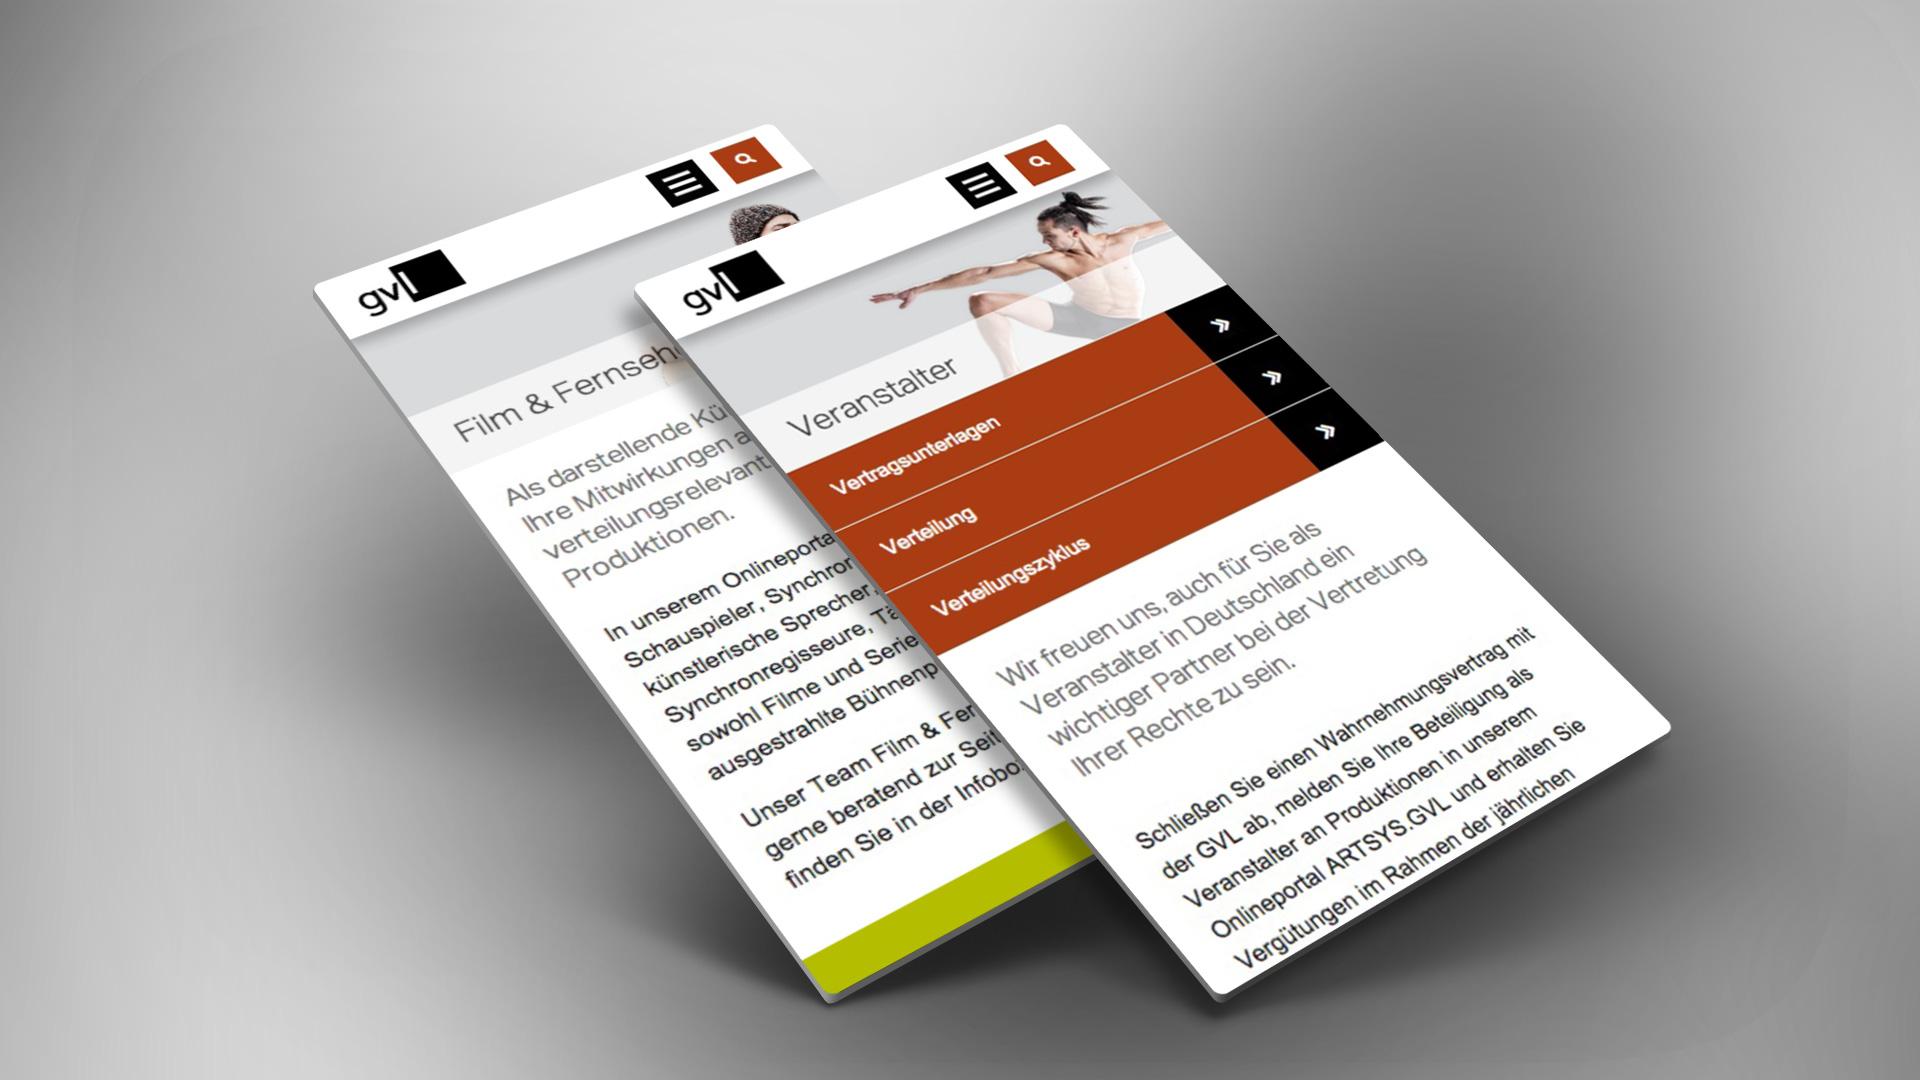 Das flexible Layout der Webseite passt sich auch an mobile Geräte an